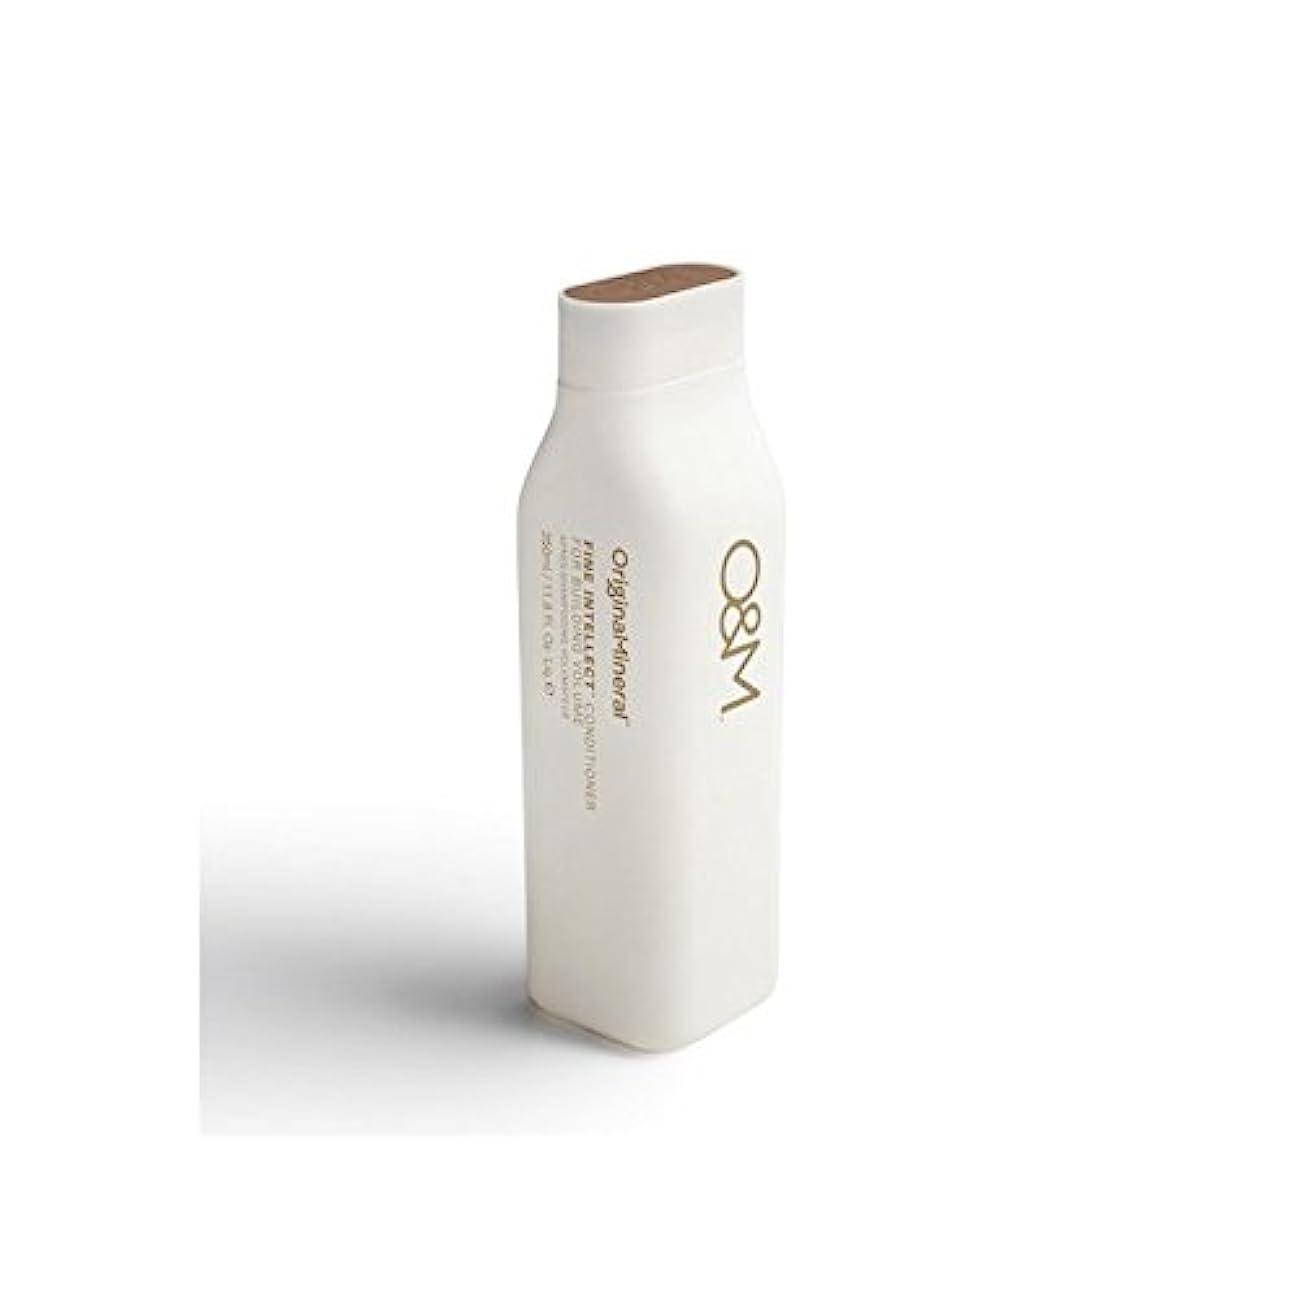 仕事擬人化メインオリジナル&ミネラル細かい知性コンディショナー(350ミリリットル) x2 - Original & Mineral Fine Intellect Conditioner (350ml) (Pack of 2) [並行輸入品]